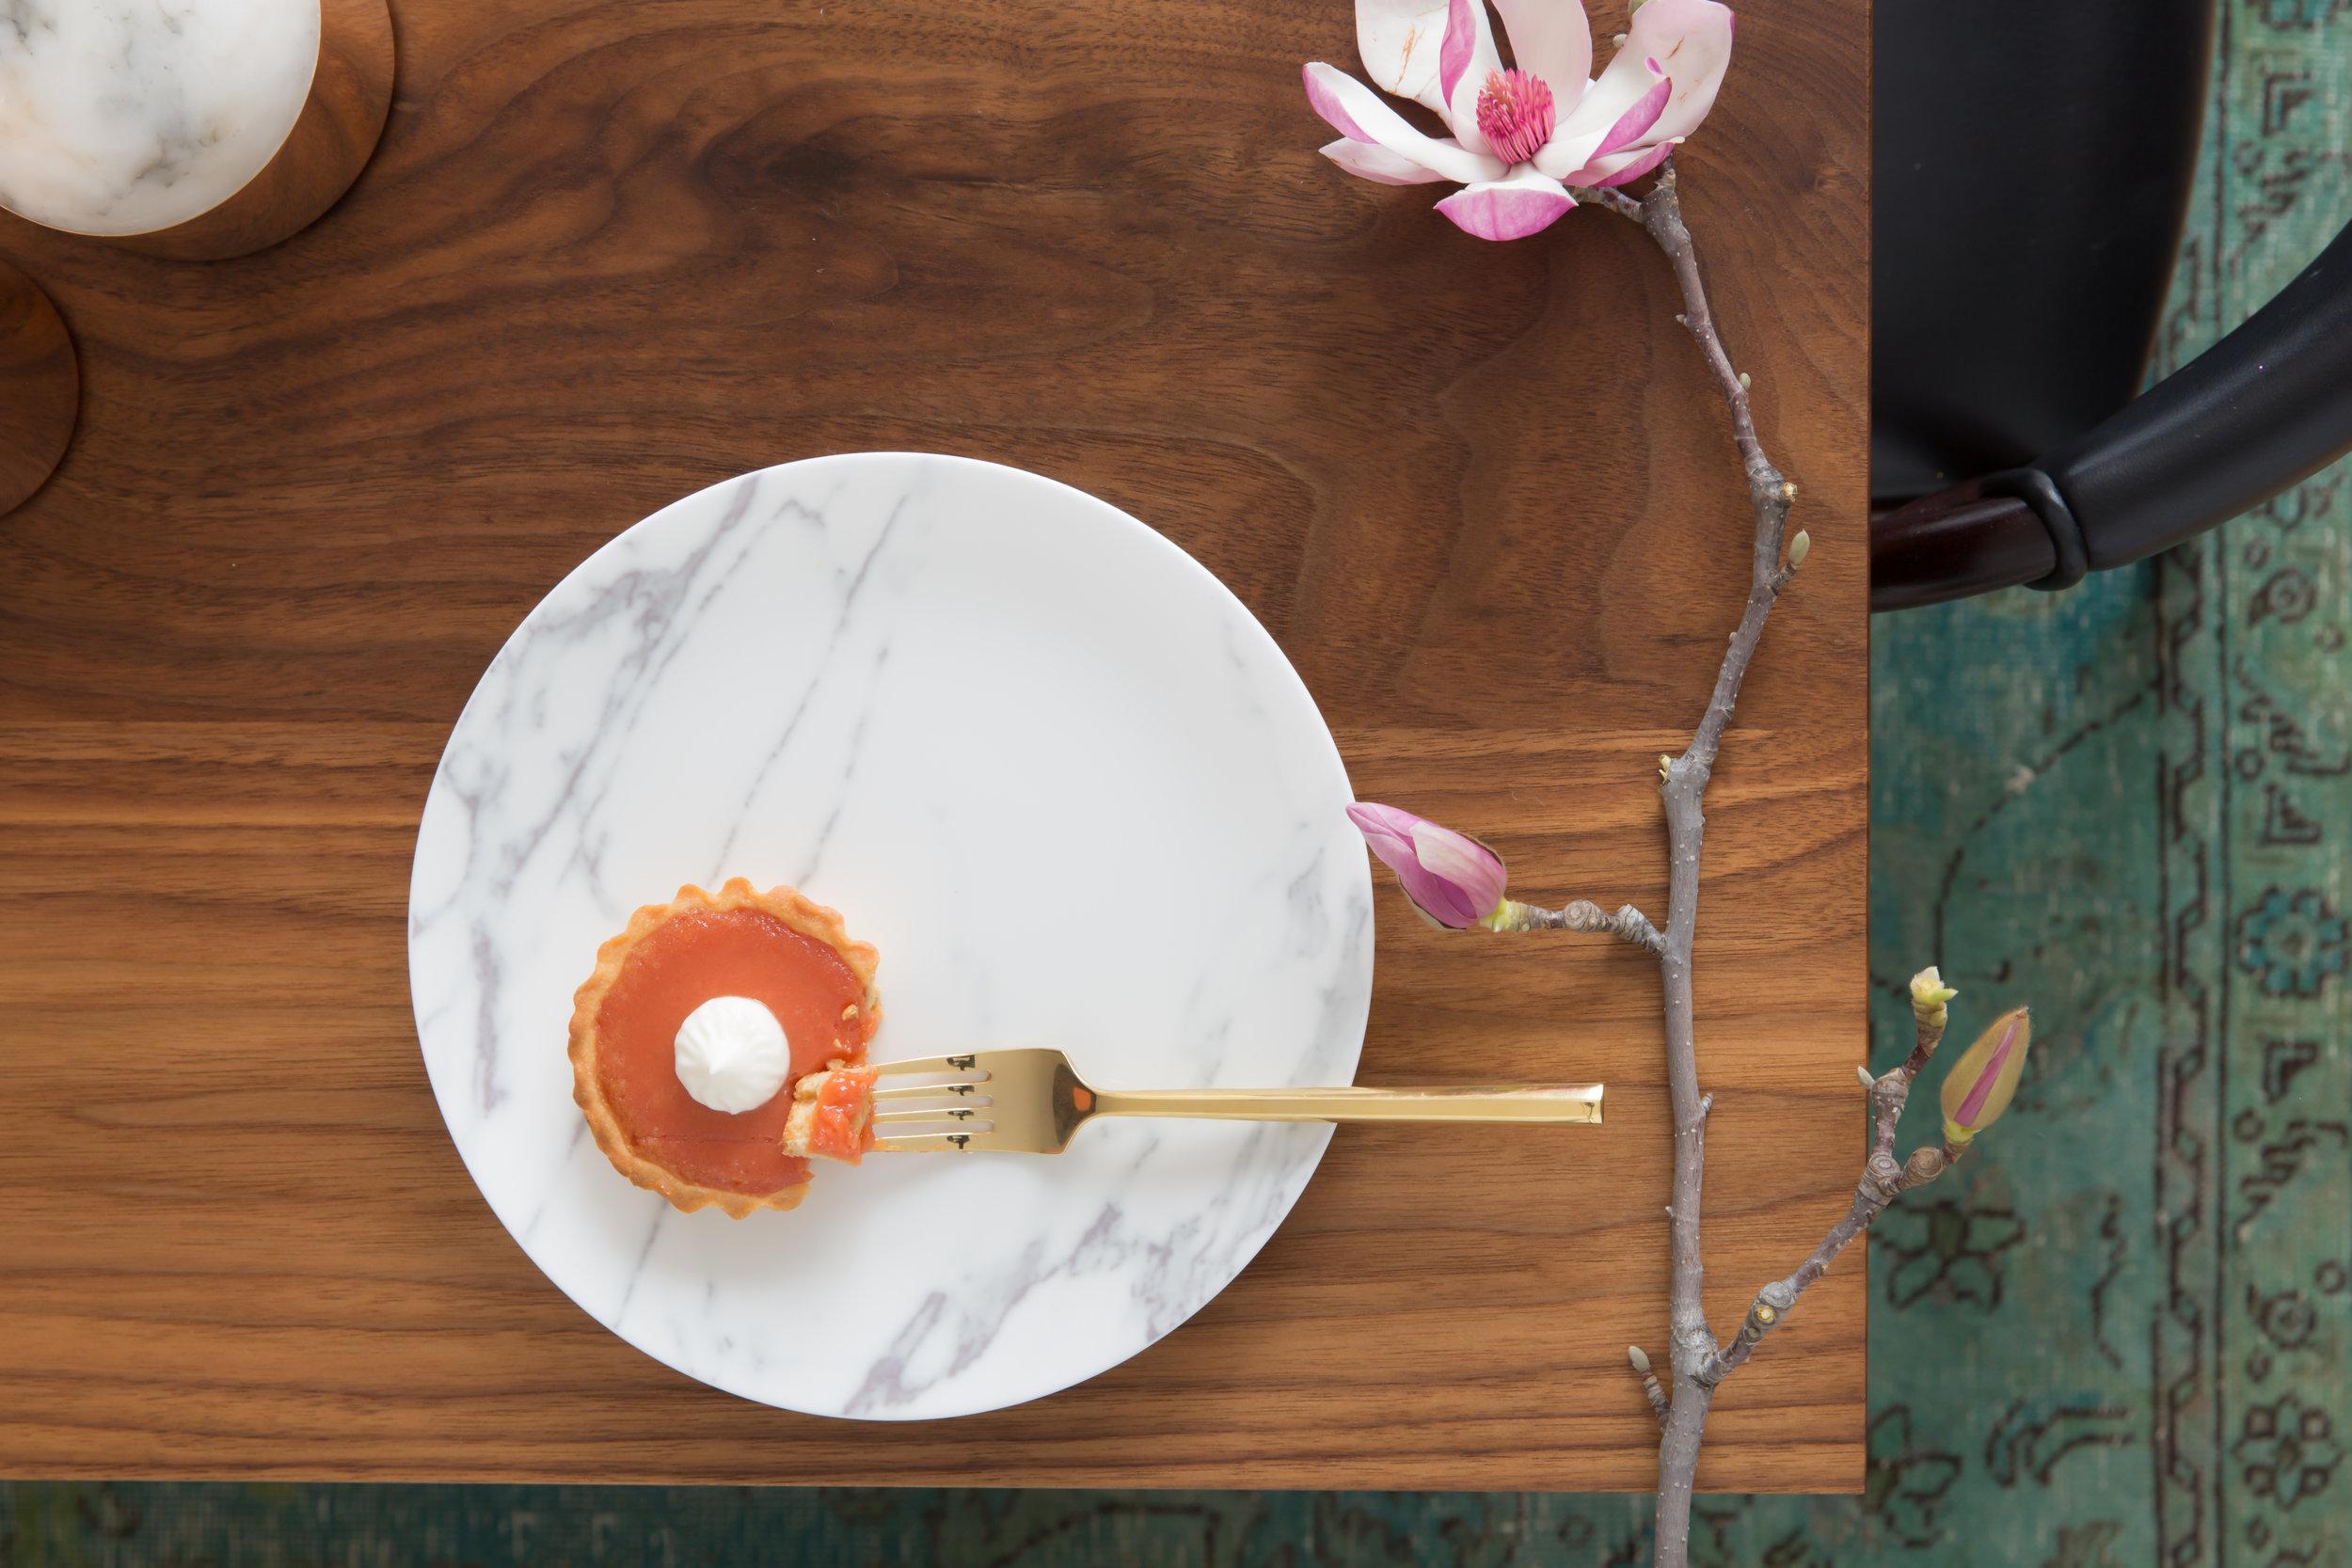 10 RBD Noe Valley Parisian Atelier - Dining Room Vignette.jpg